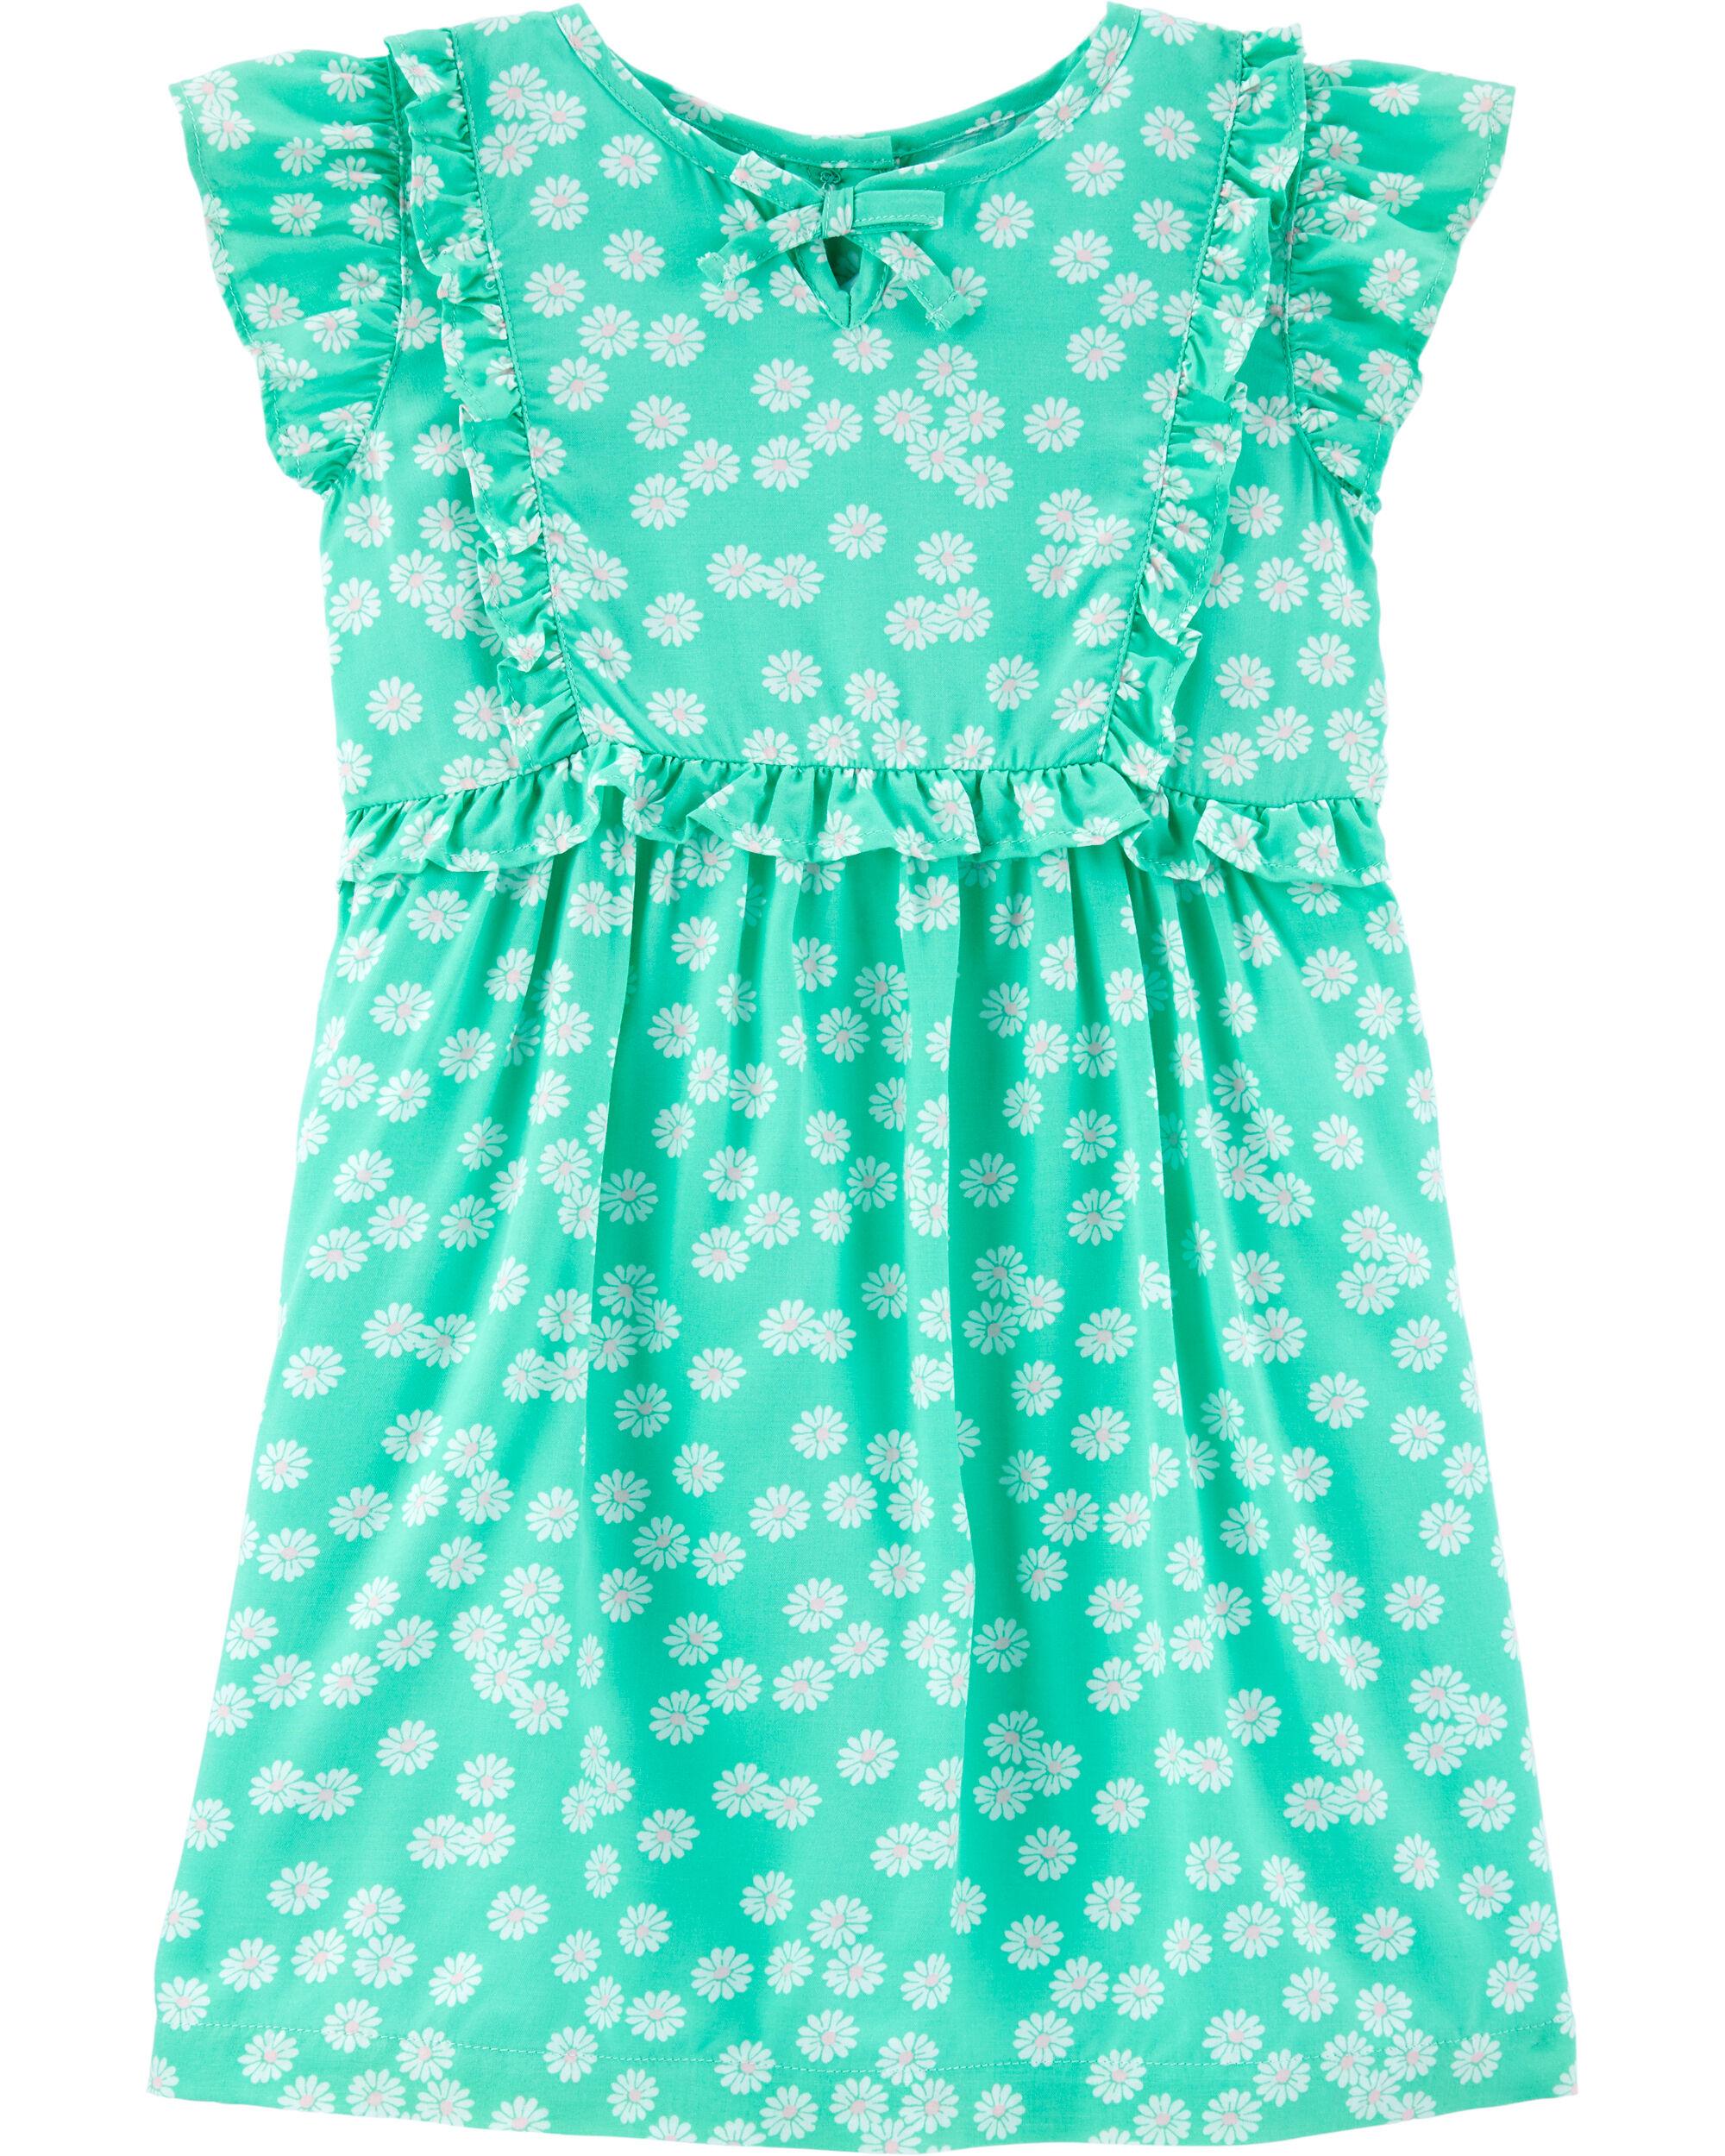 Daisy Flutter Dress